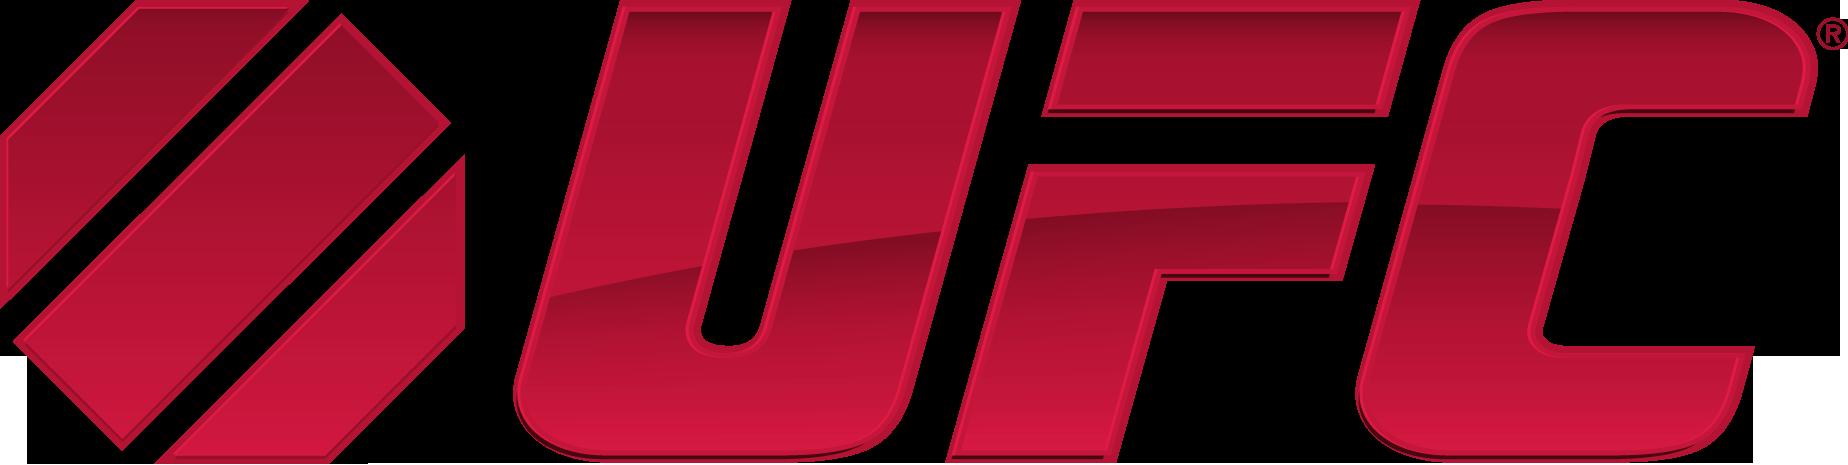 UFC Client